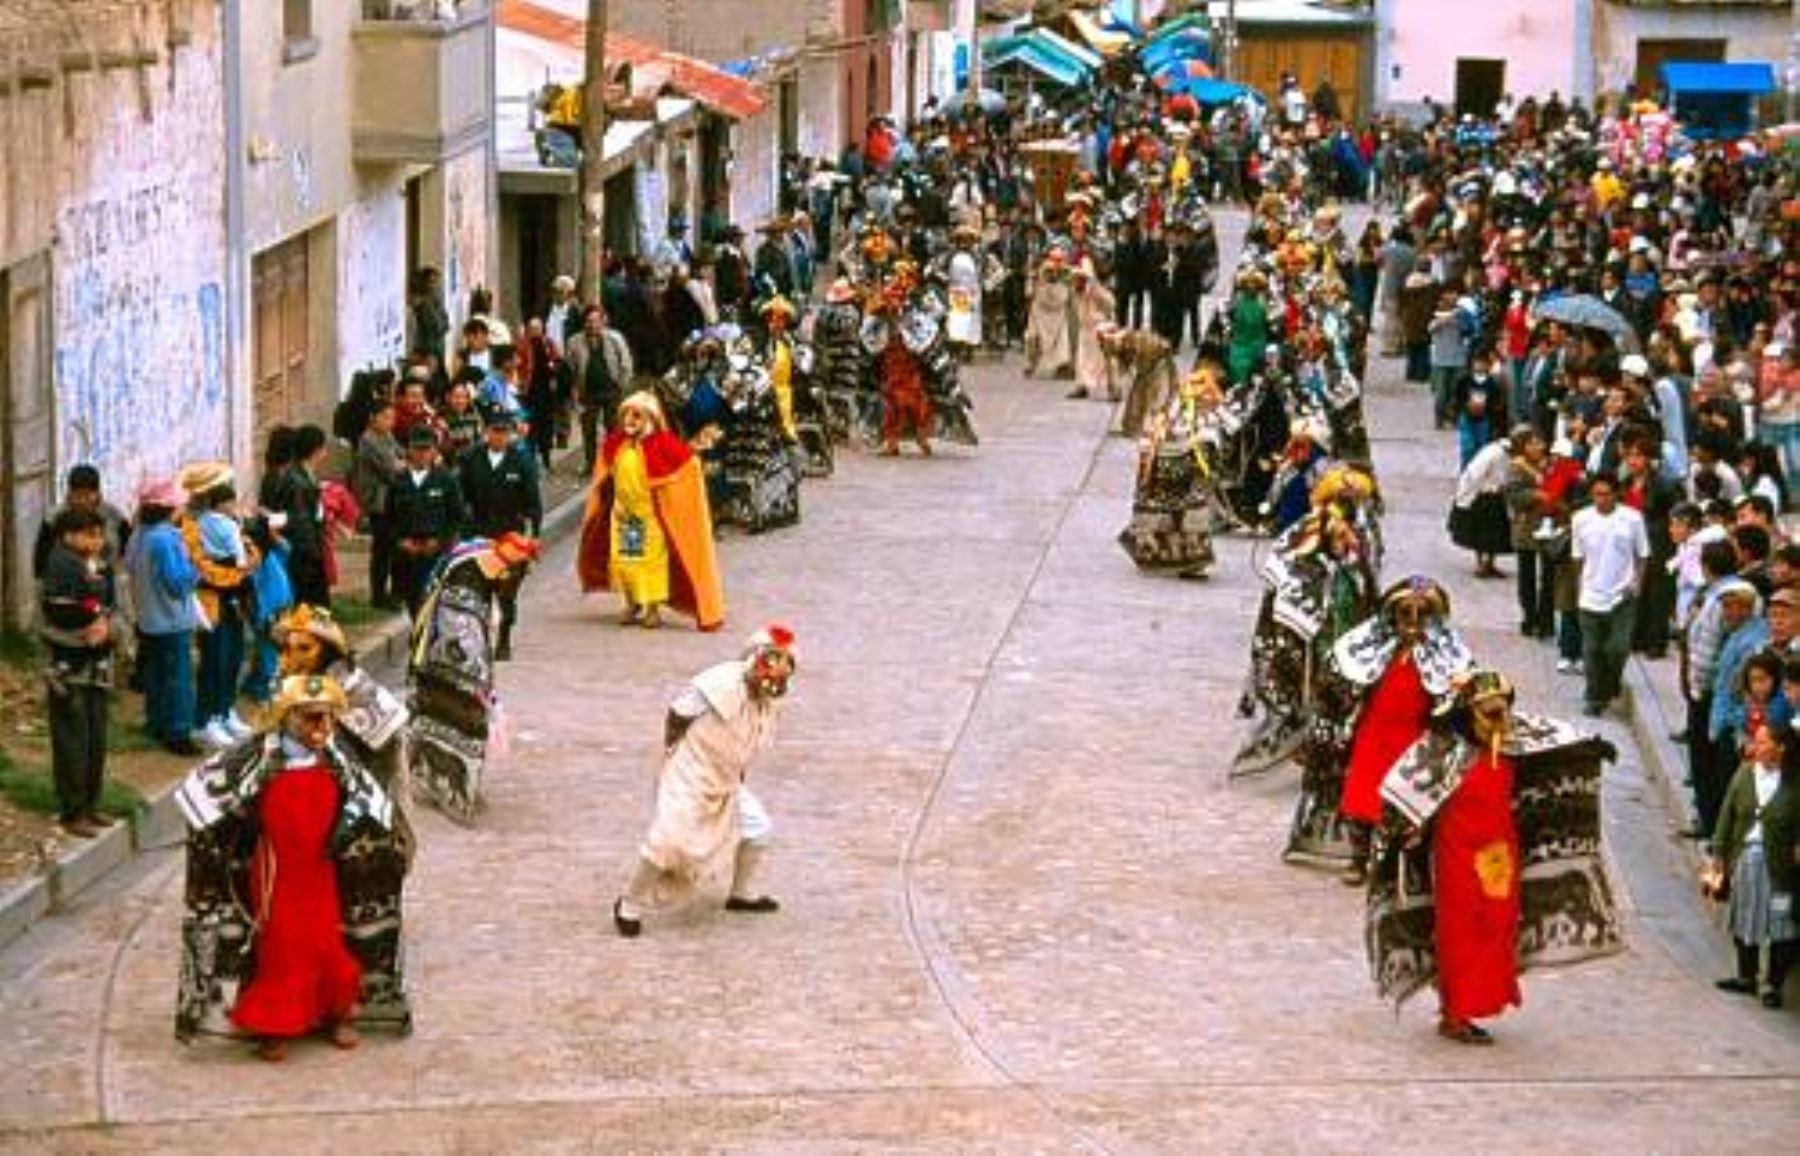 Festividad de la Huaconada de Mito espera miles de visitantes del 1 al 4 de enero